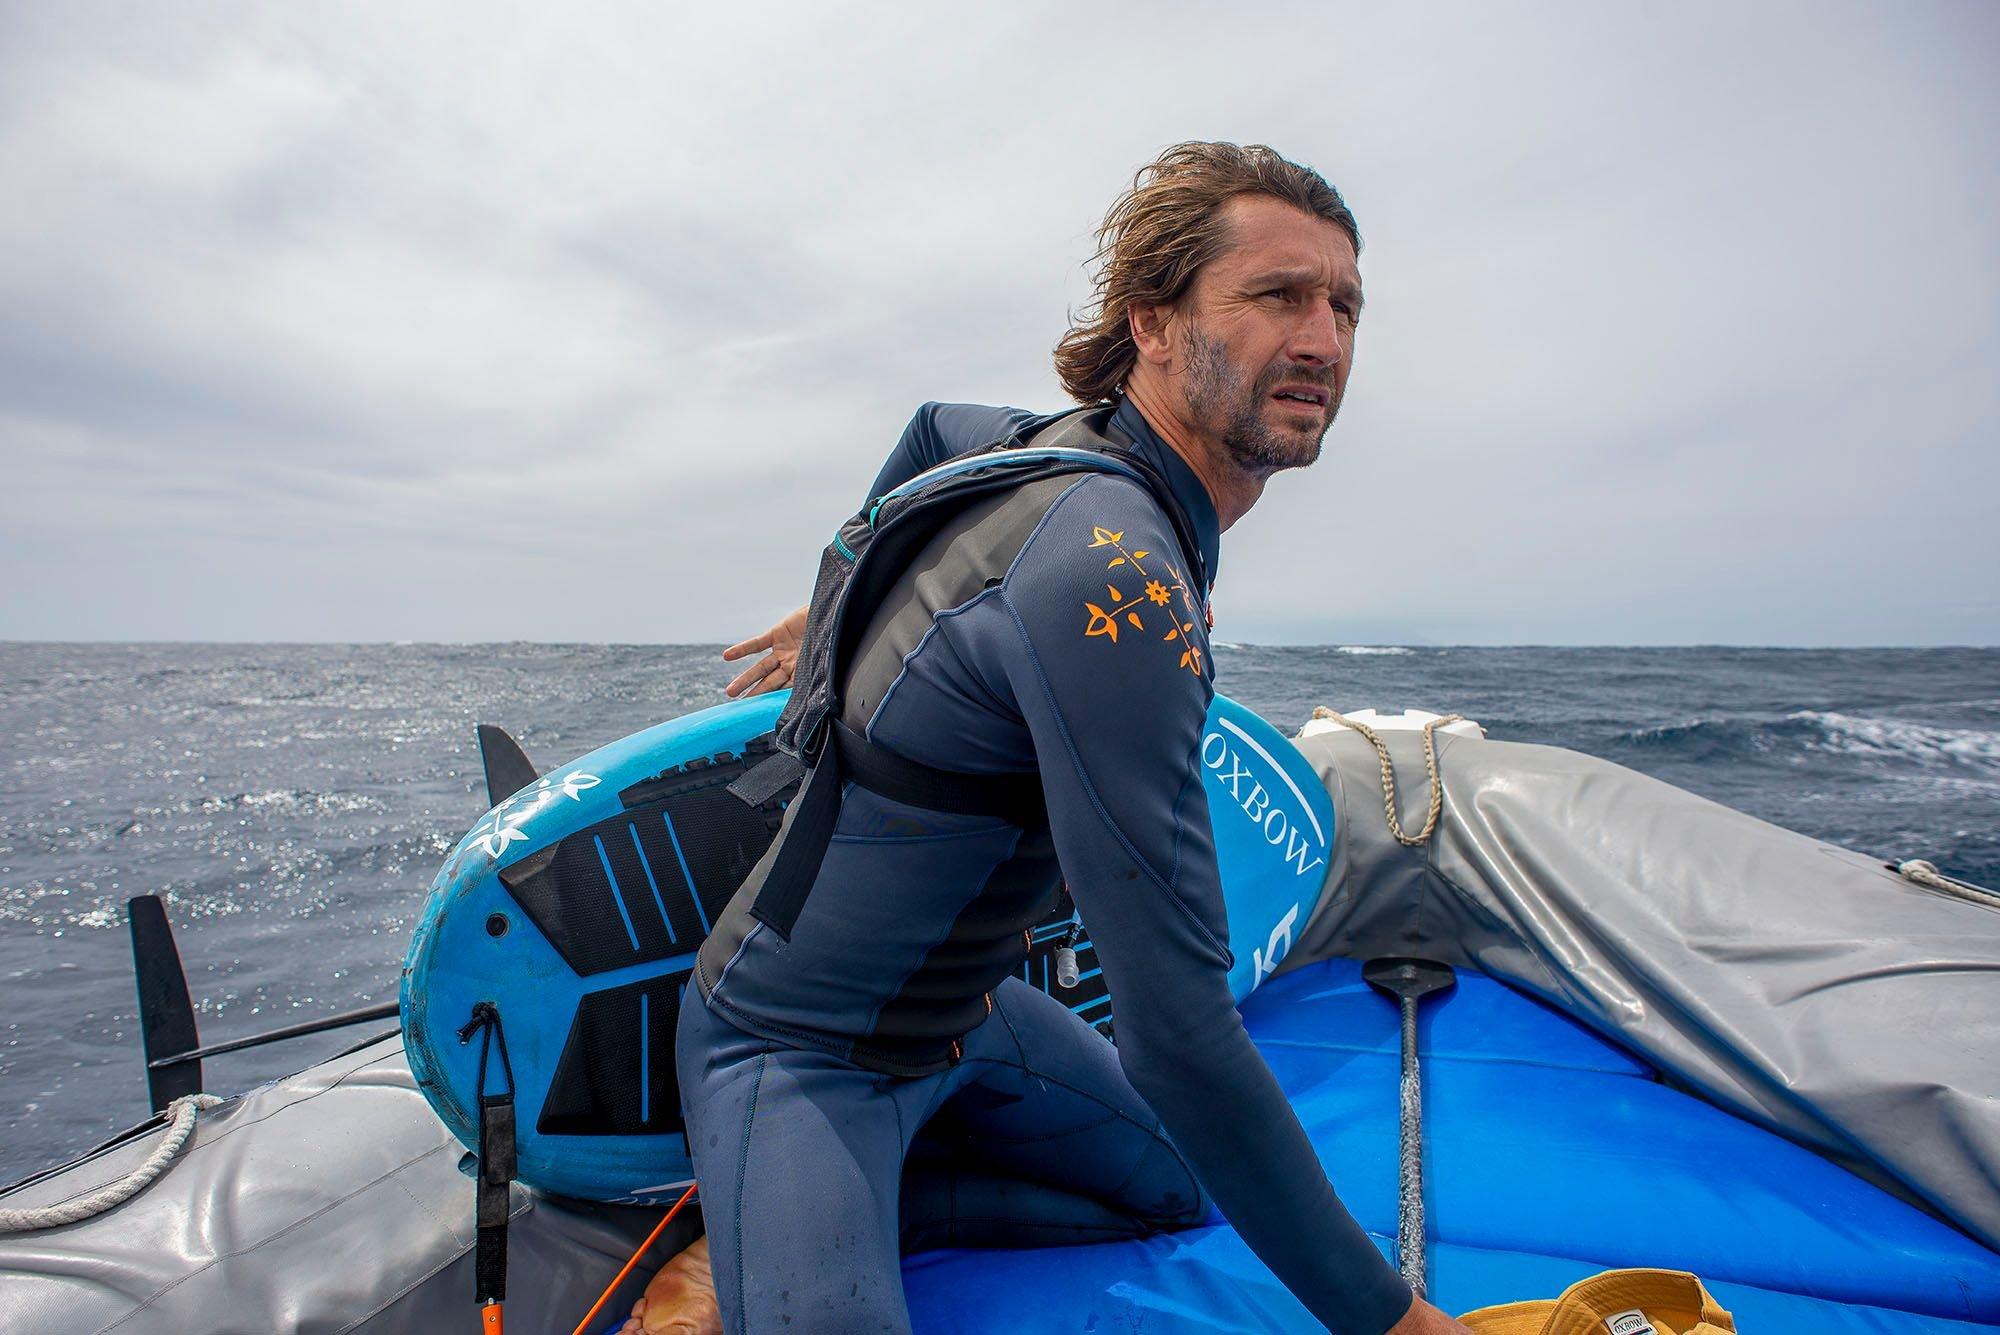 La mort, la mer, le surf, la vie... le destin aquatique de Ludovic Dulou